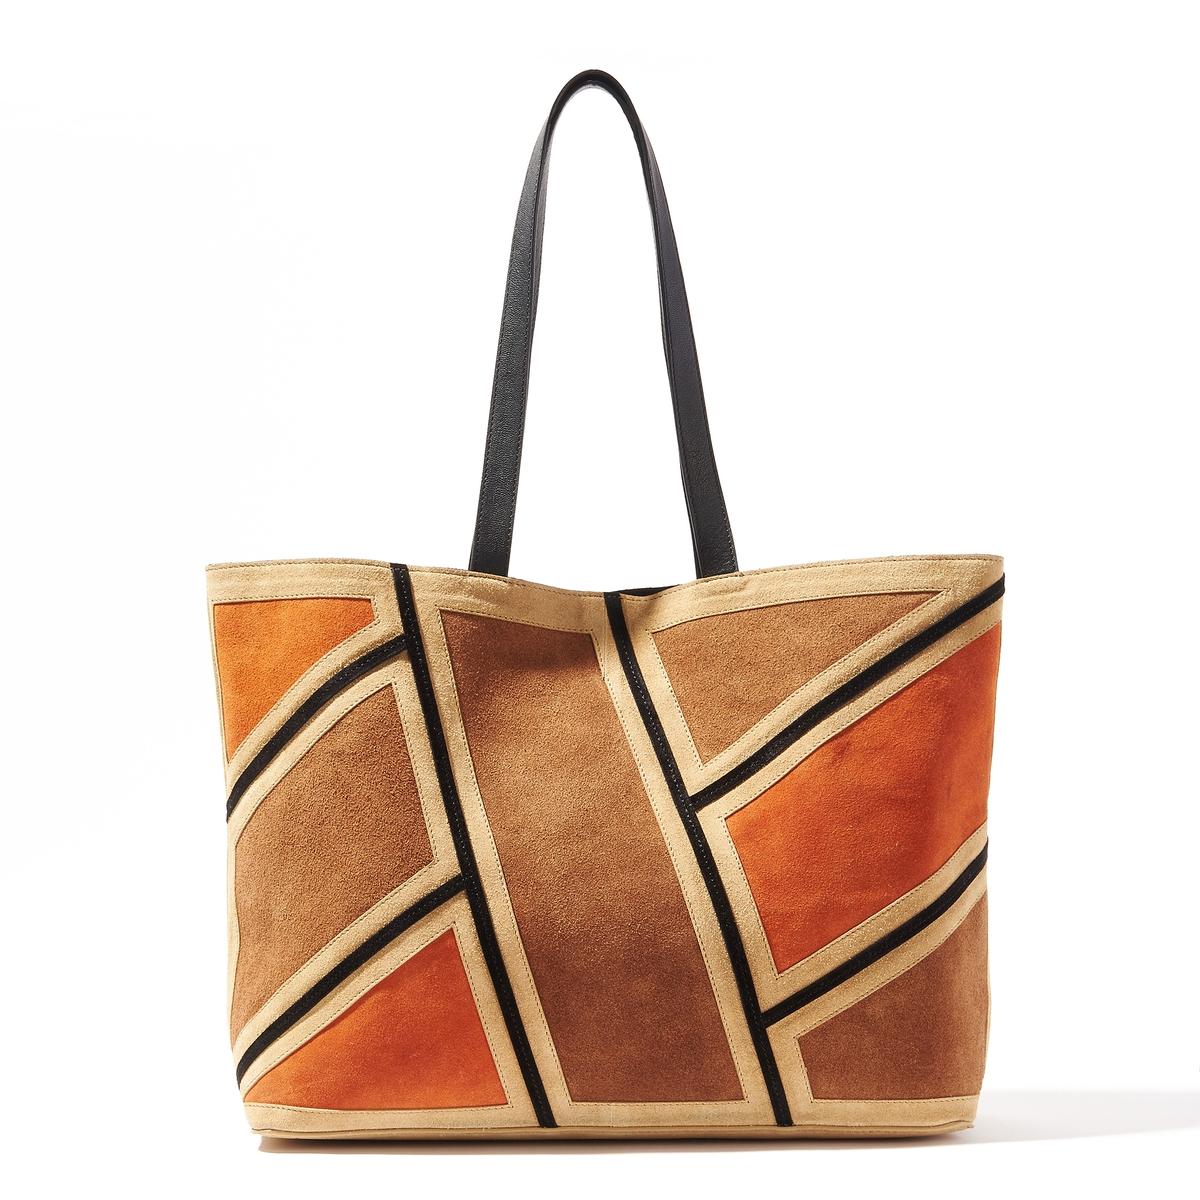 Сумка-шоппер кожаная, пэтчворкКожаная сумка-шоппер, R Studio.Стильная сумка из великолепной кожи в винтажном и графичном стиле!Состав и описаниеМатериал : верх из яловичной и козьей кожи                  подкладка из текстиляМарка : R Studio.Размеры : Ш47 x В31 x Г13 смЗастежка : на магнитную кнопку2 кармана для мобильных1 карман на молнии<br><br>Цвет: разноцветный<br>Размер: единый размер